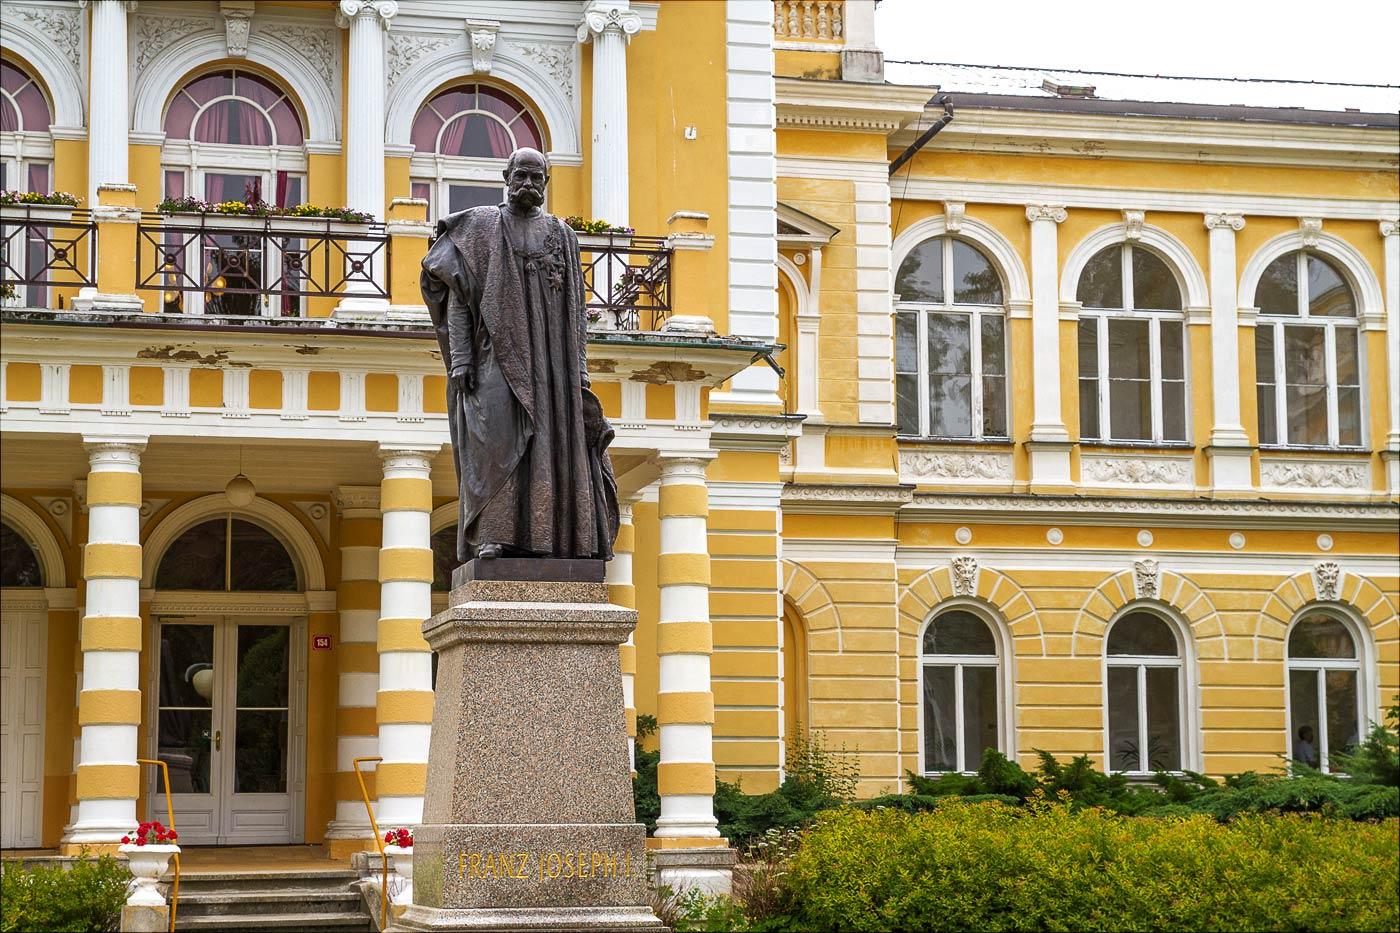 Памятник императору Францу-Йосифу I. Франтишковы Лазне, Чехия